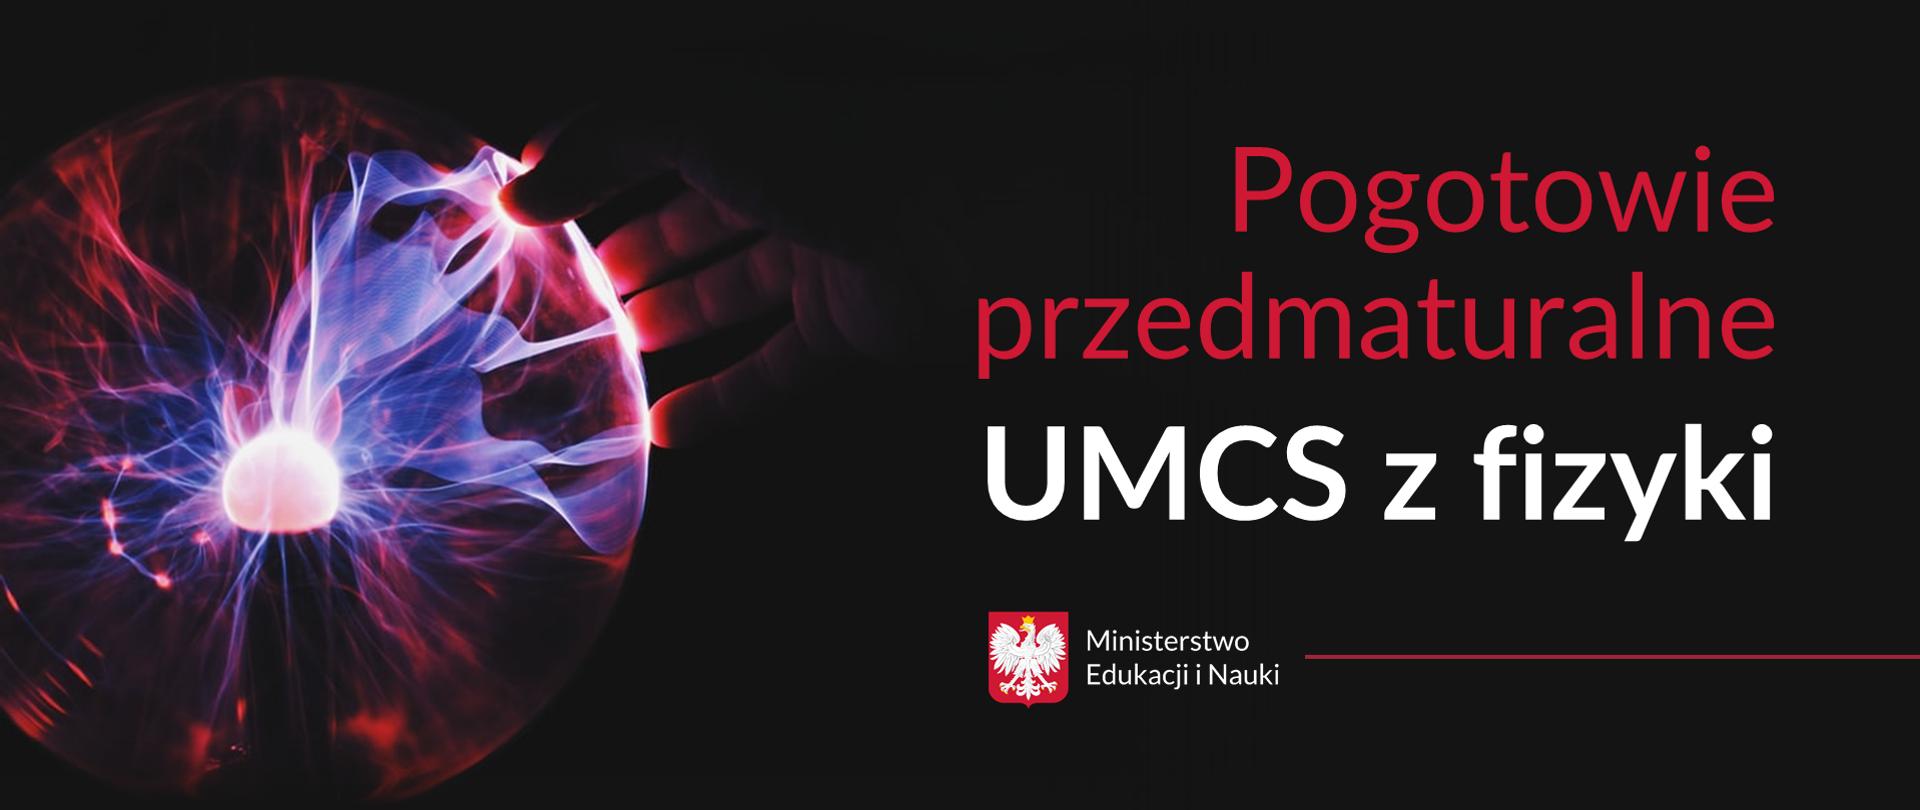 """Kula plazmowa w ciemności i tekst: """"Pogotowie przedmaturalne UMCS z fizyki"""""""